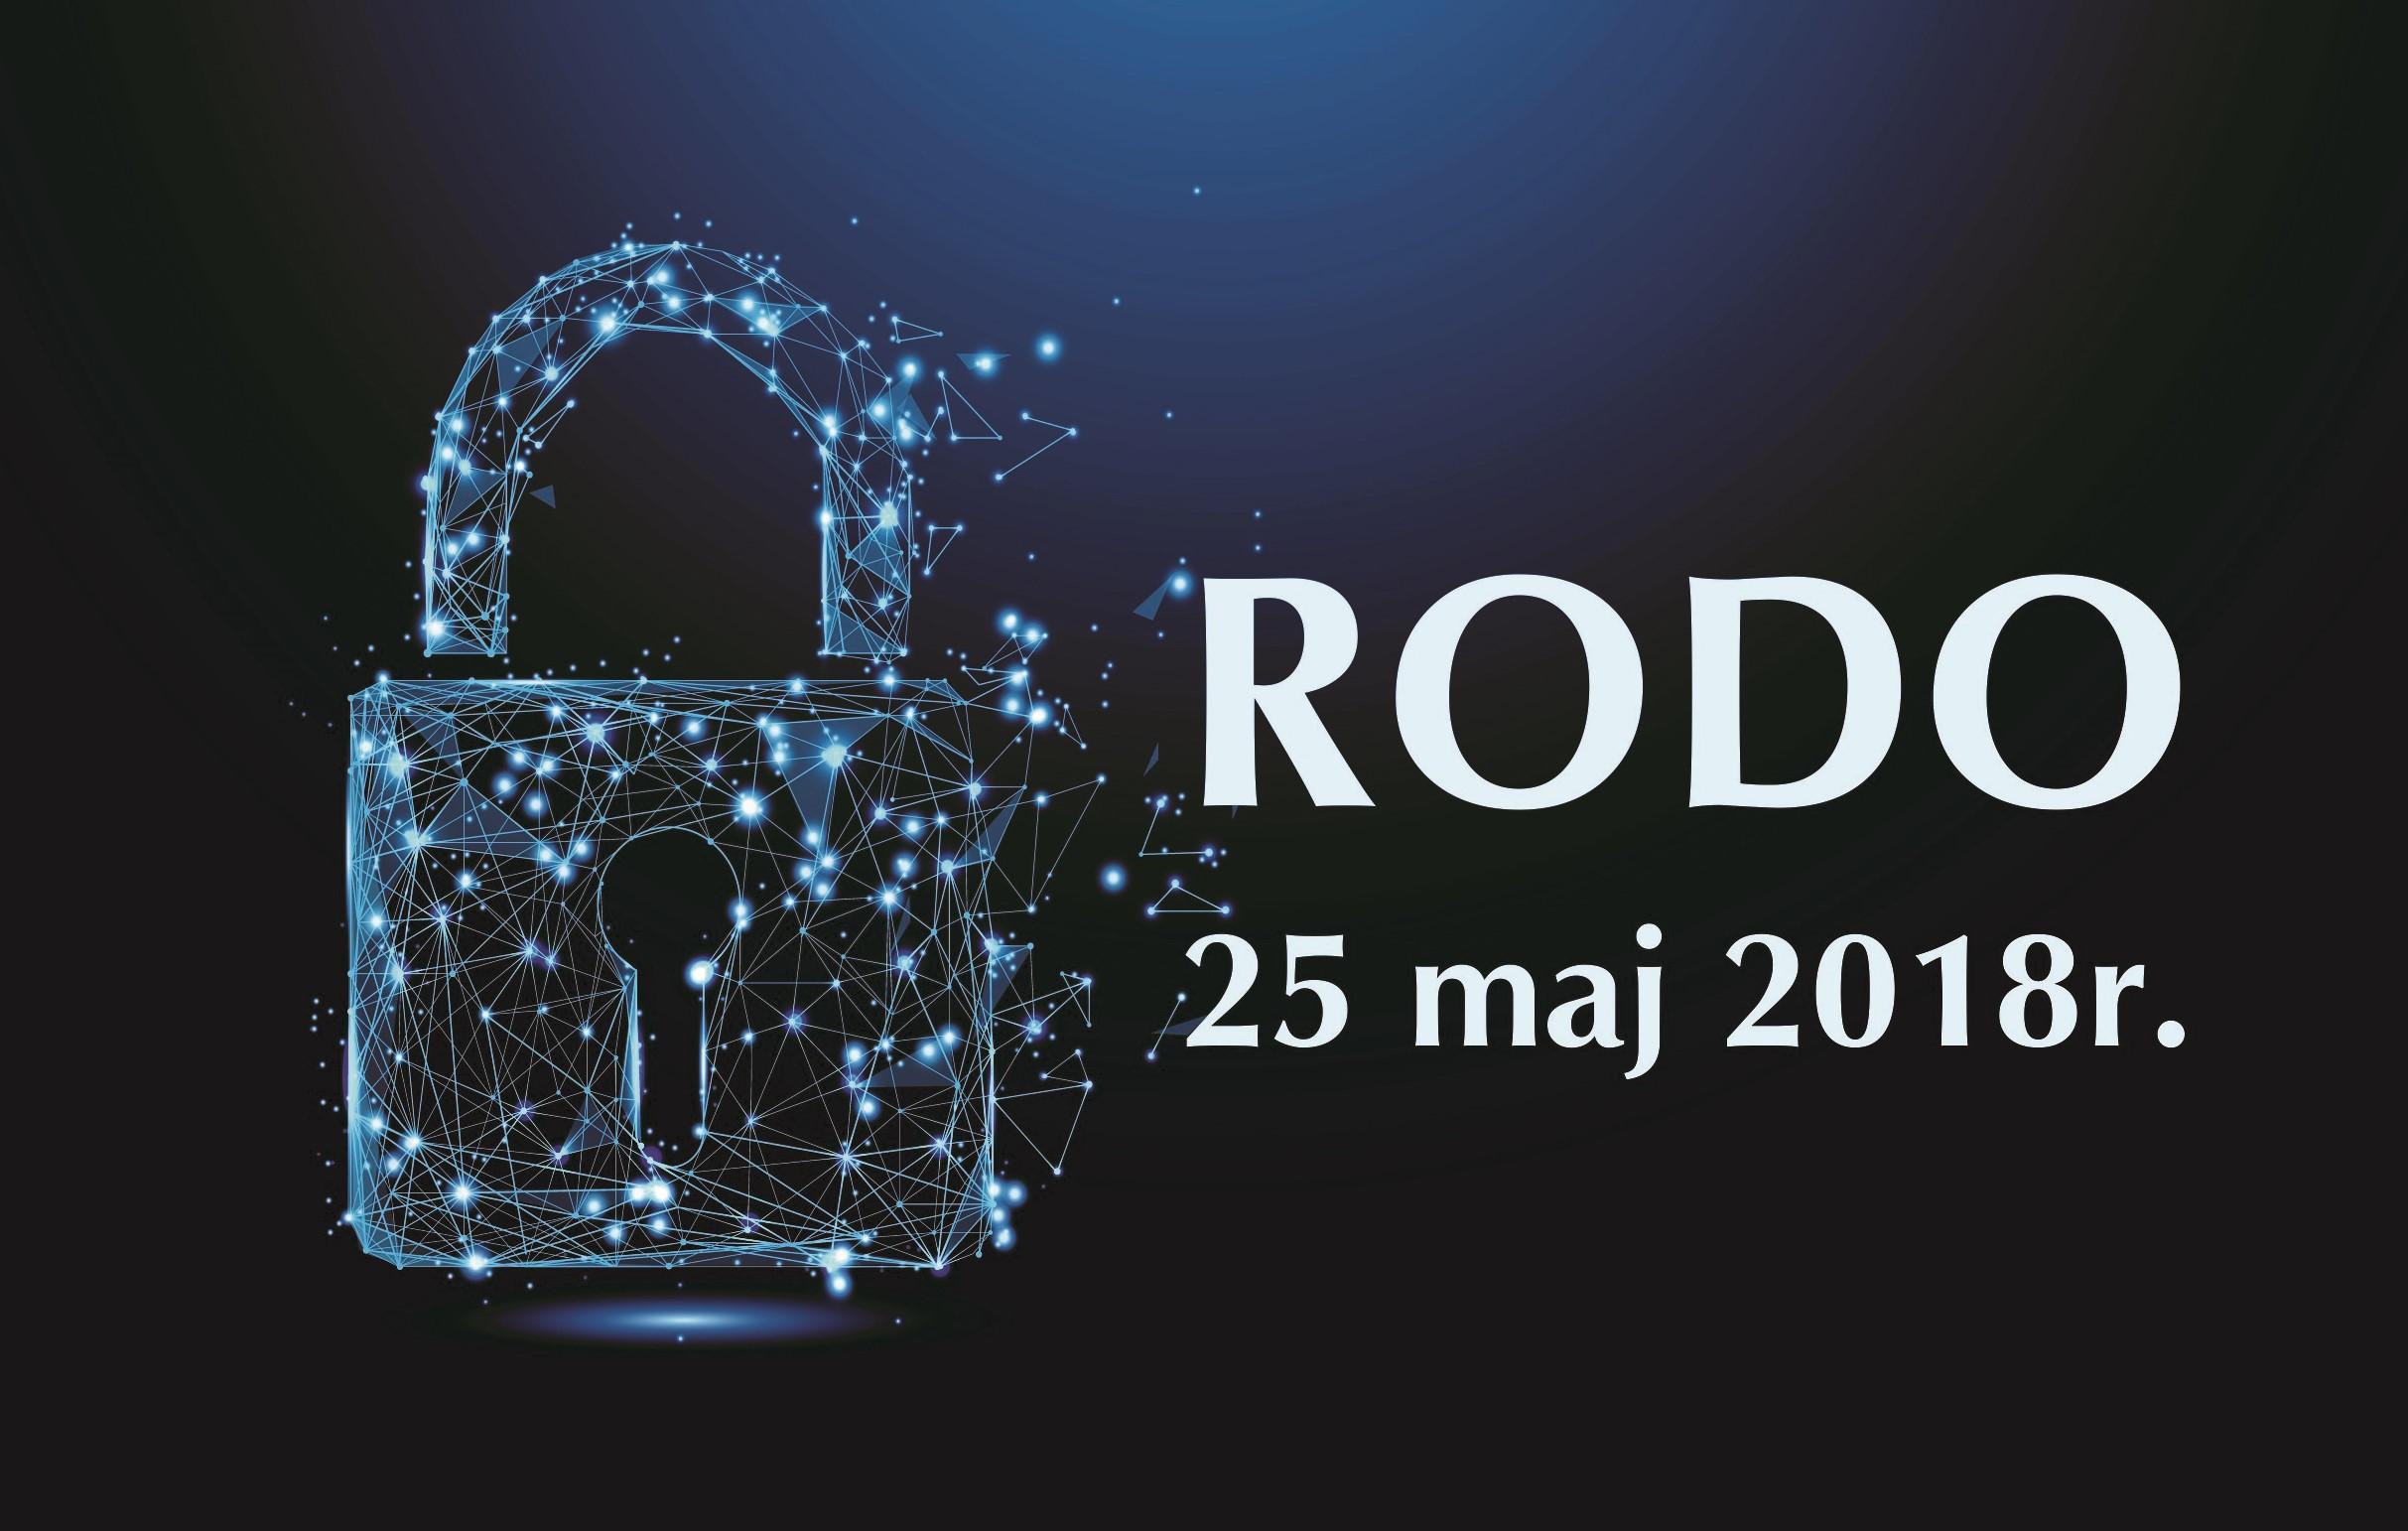 ed9f1957e8e038 RODO - Rozporządzenie Parlamentu Europejskiego i Rady (UE) 2016/679 z dnia  27 kwietnia 2016r. w sprawie ochrony osób fizycznych w związku z  przetwarzaniem ...